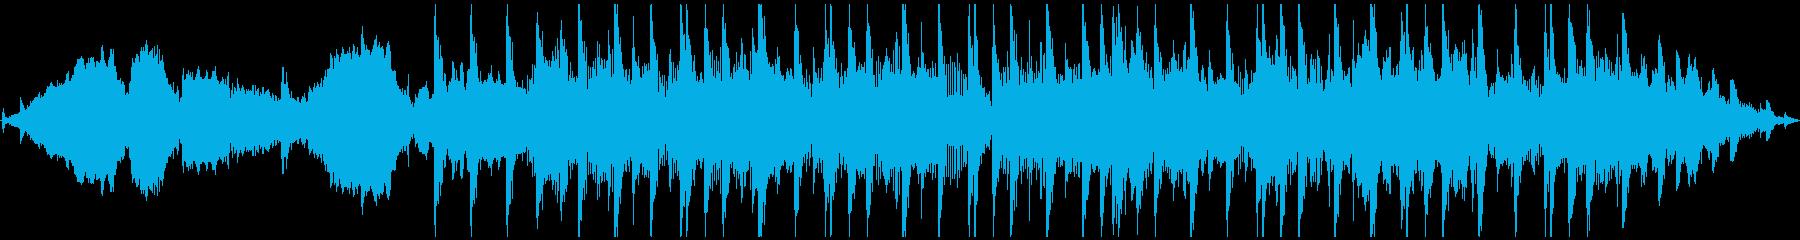 インド・東洋風チルアウトビートの再生済みの波形